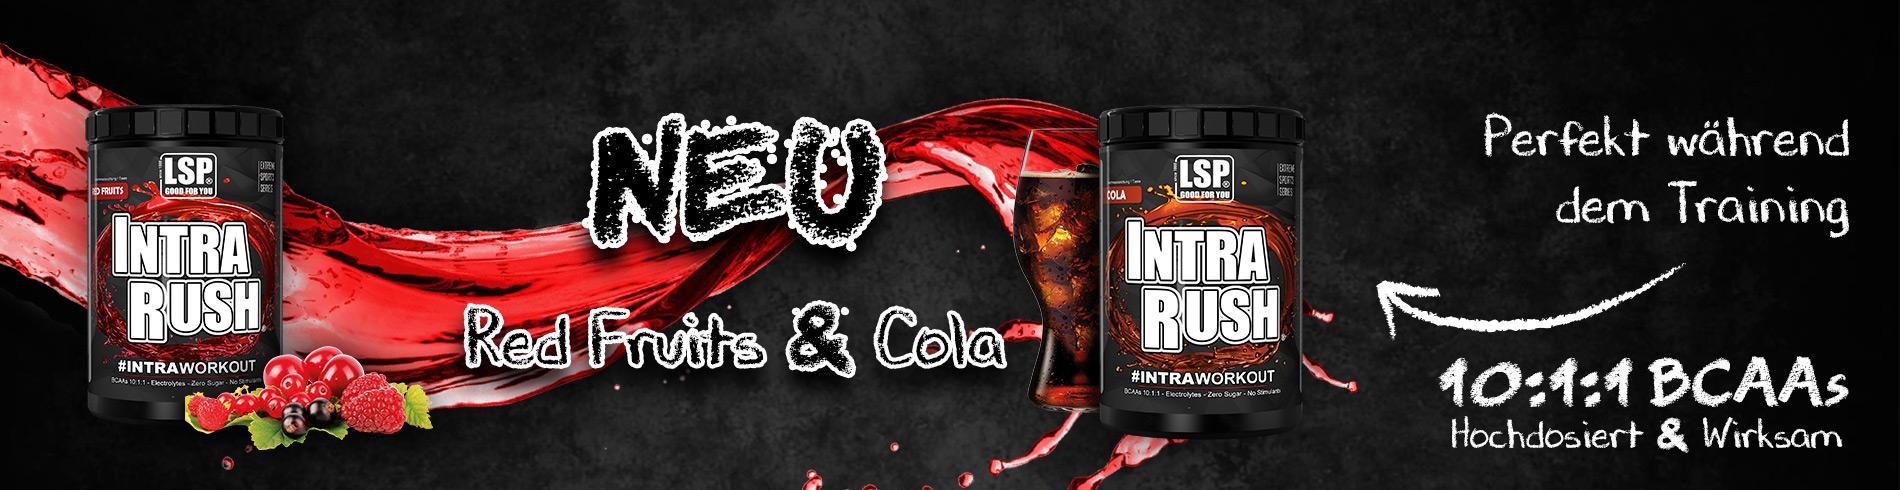 Intra Rush - Neue Geschmäcker: Rote Früchte & Cola